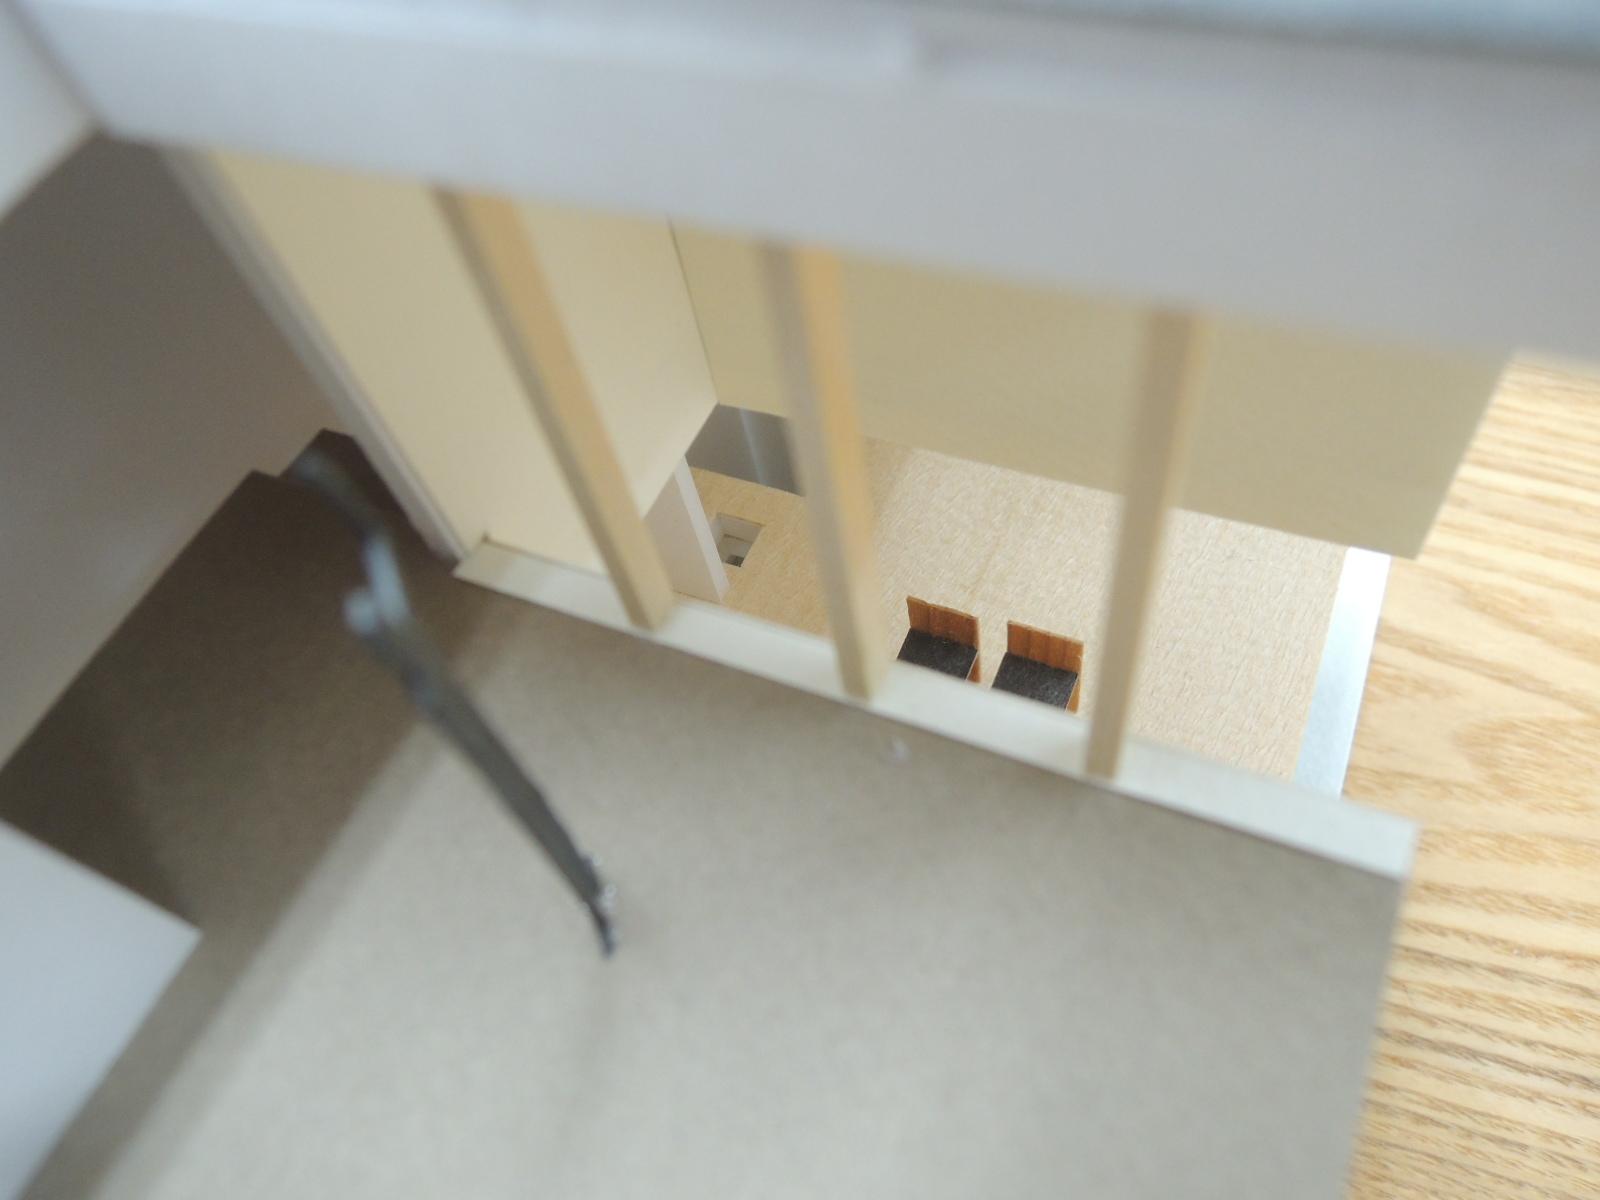 四條畷の家,テラス,木造3階建て,デザイン